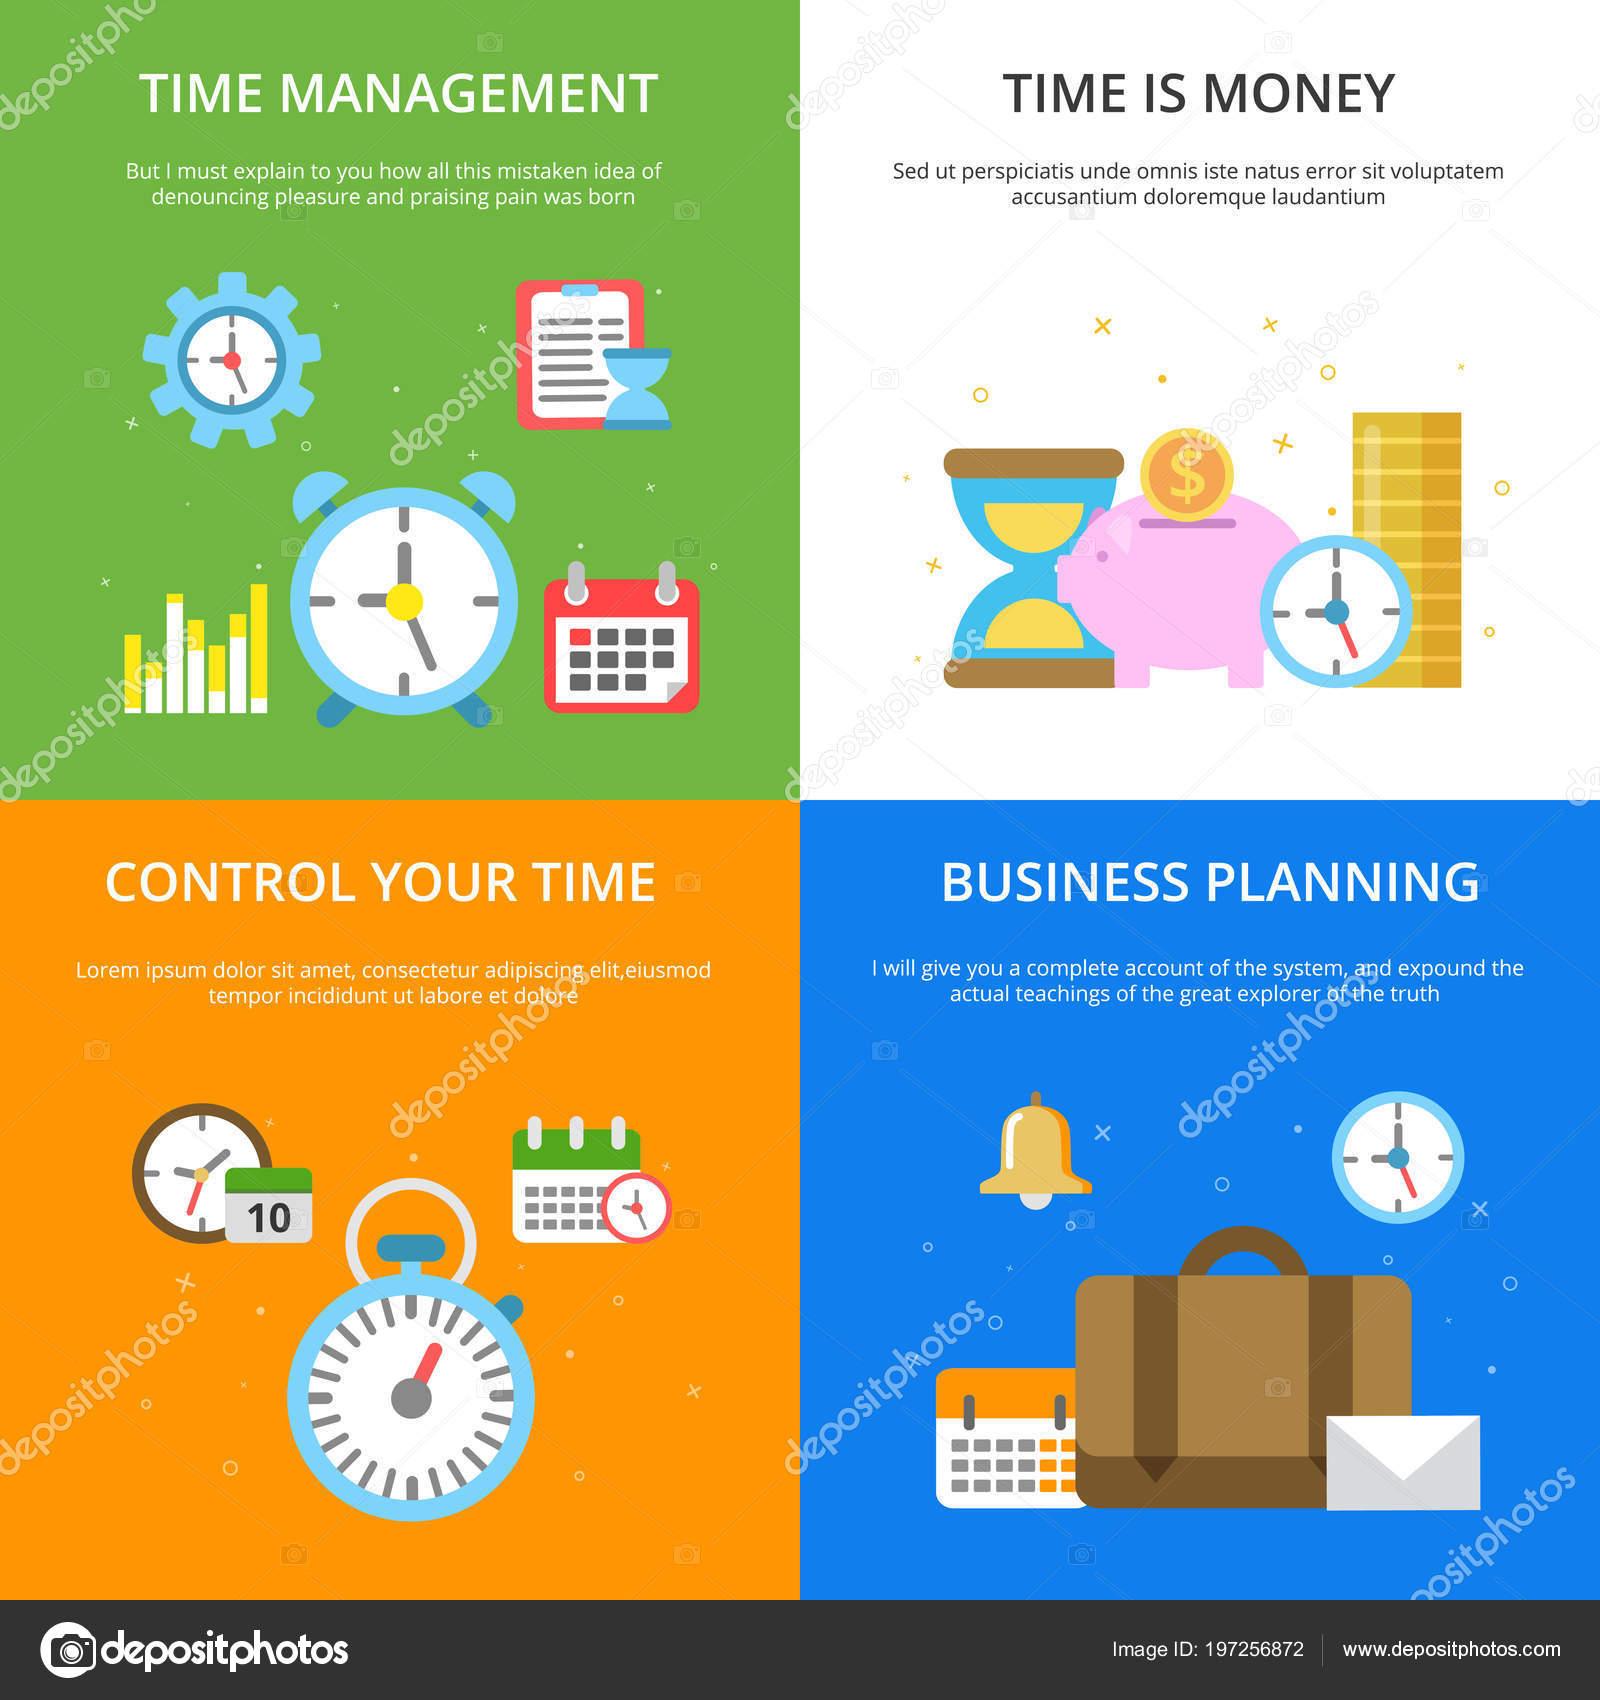 Konzept Illustrationen Zum Thema Zeit Management. Vektor Bilder Im Modernen  Flachen Stil